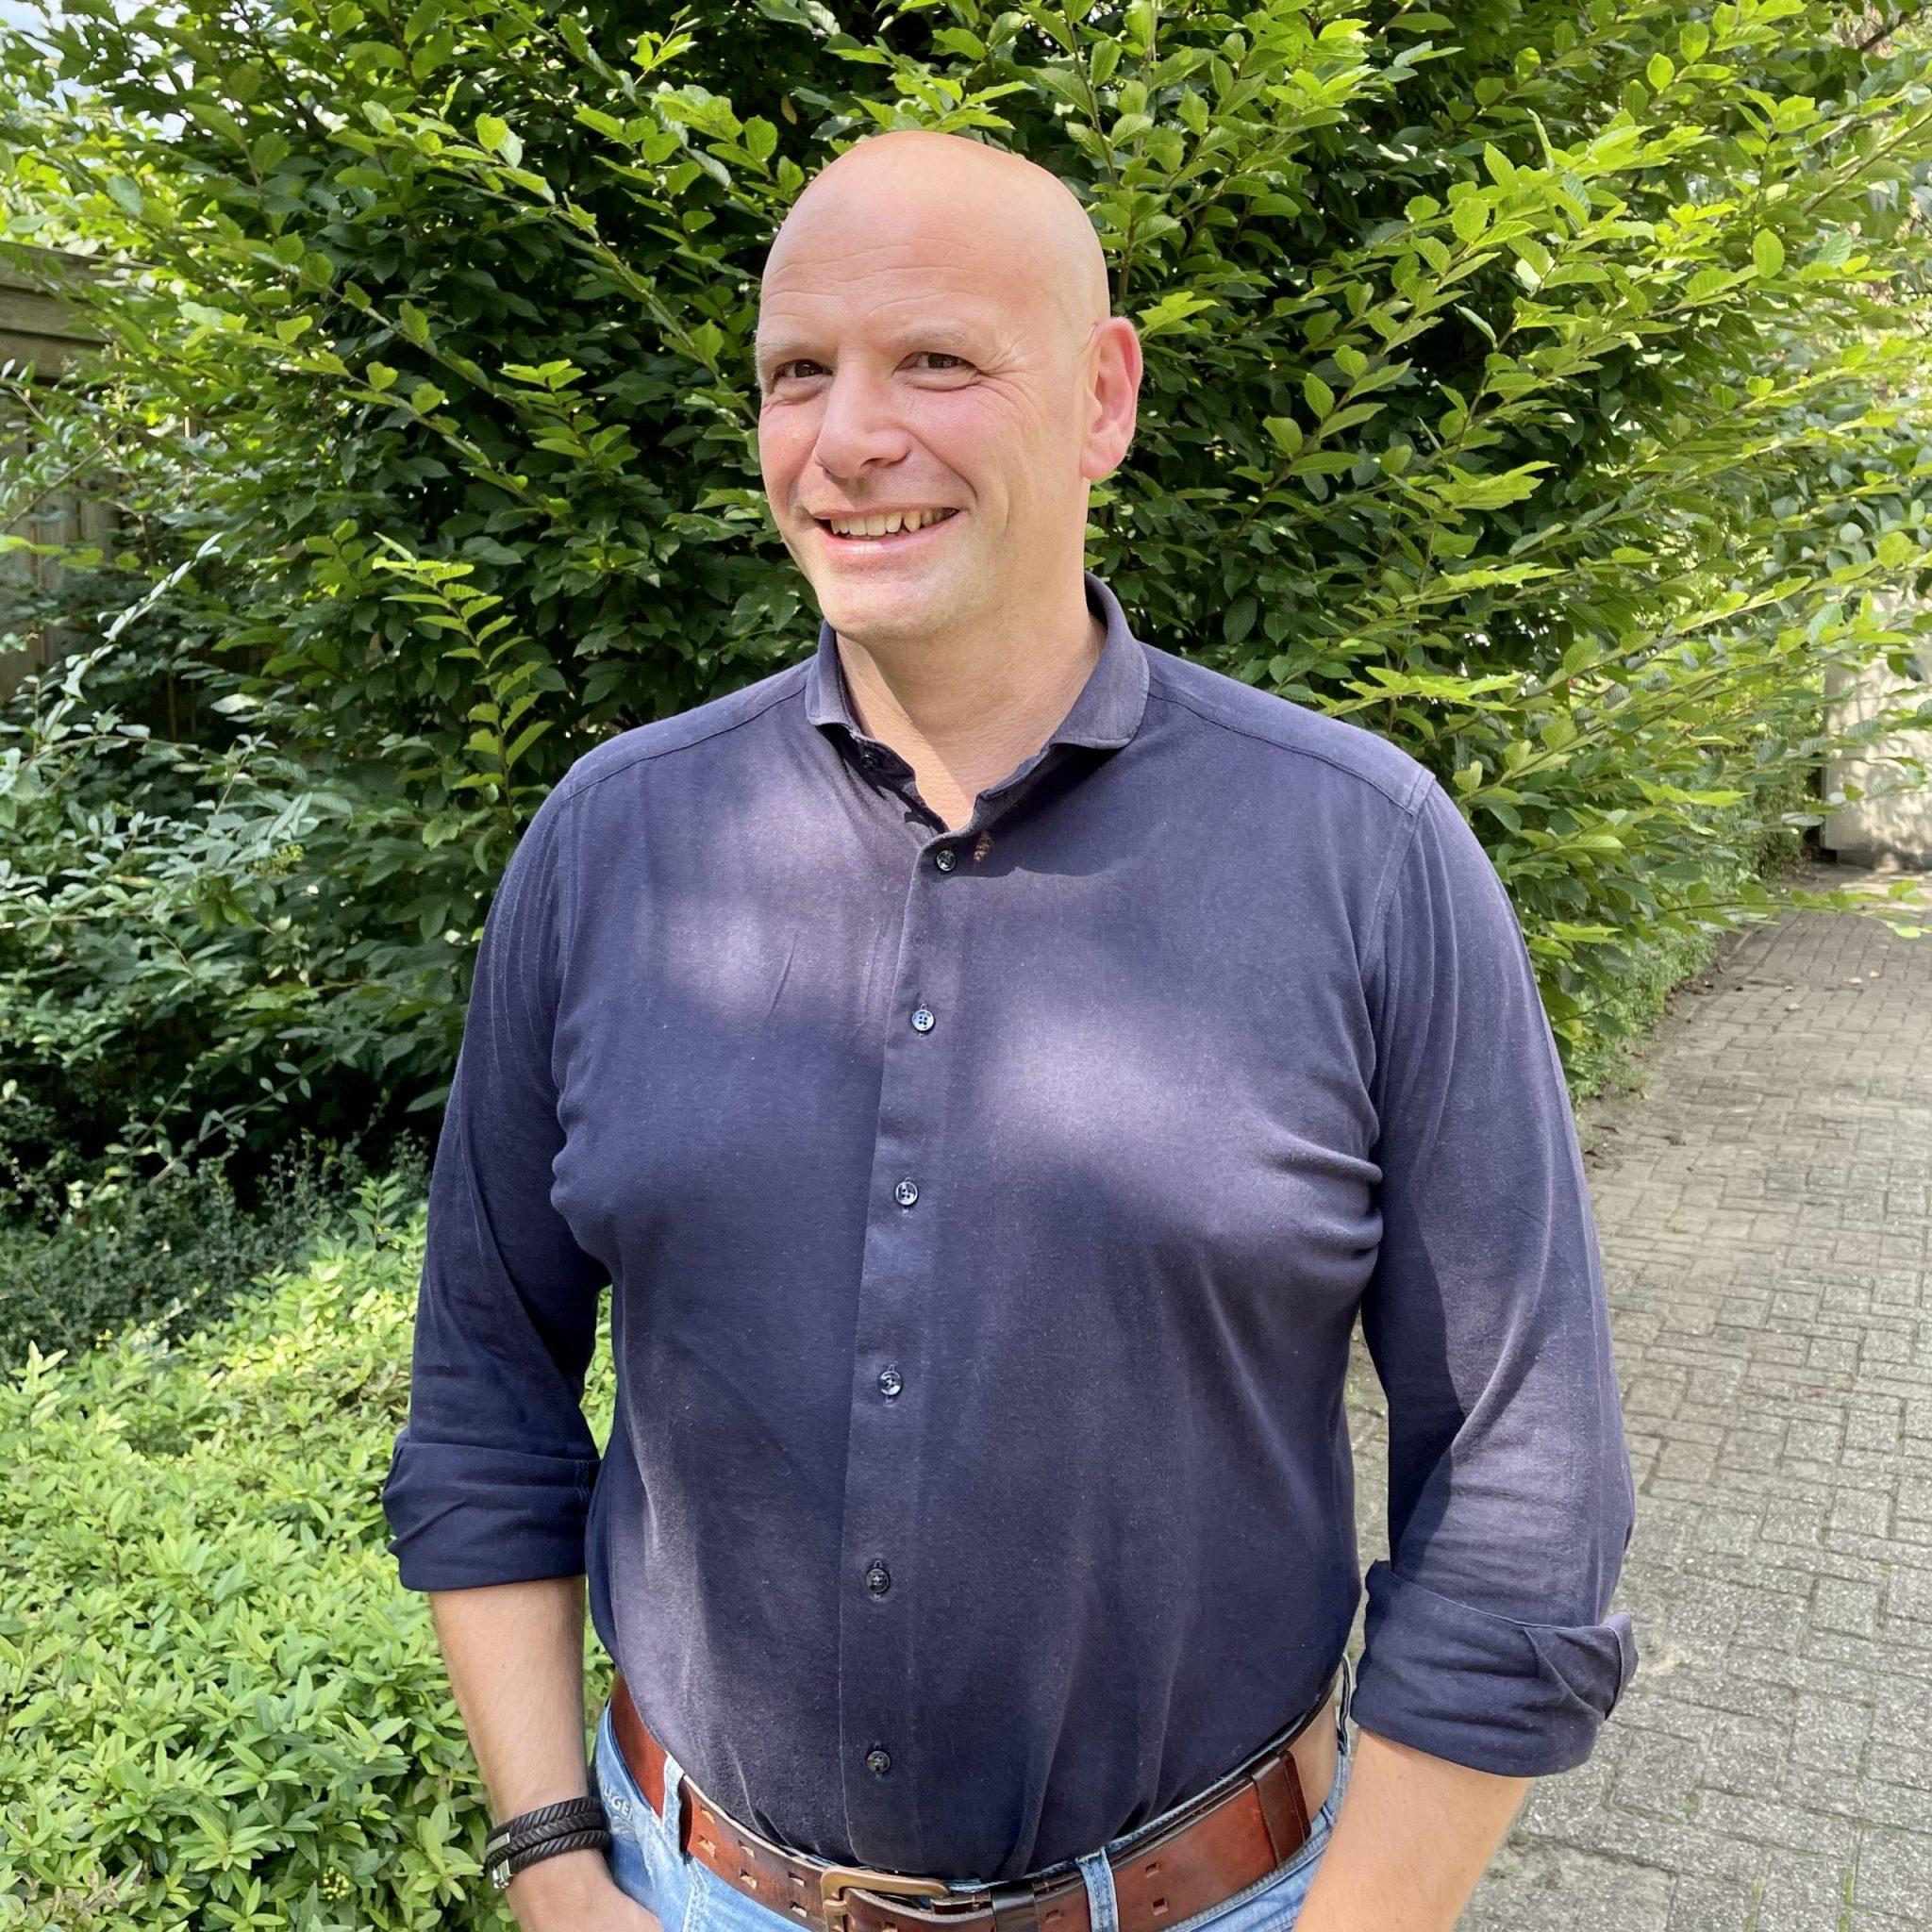 Jan Peter van der Wal